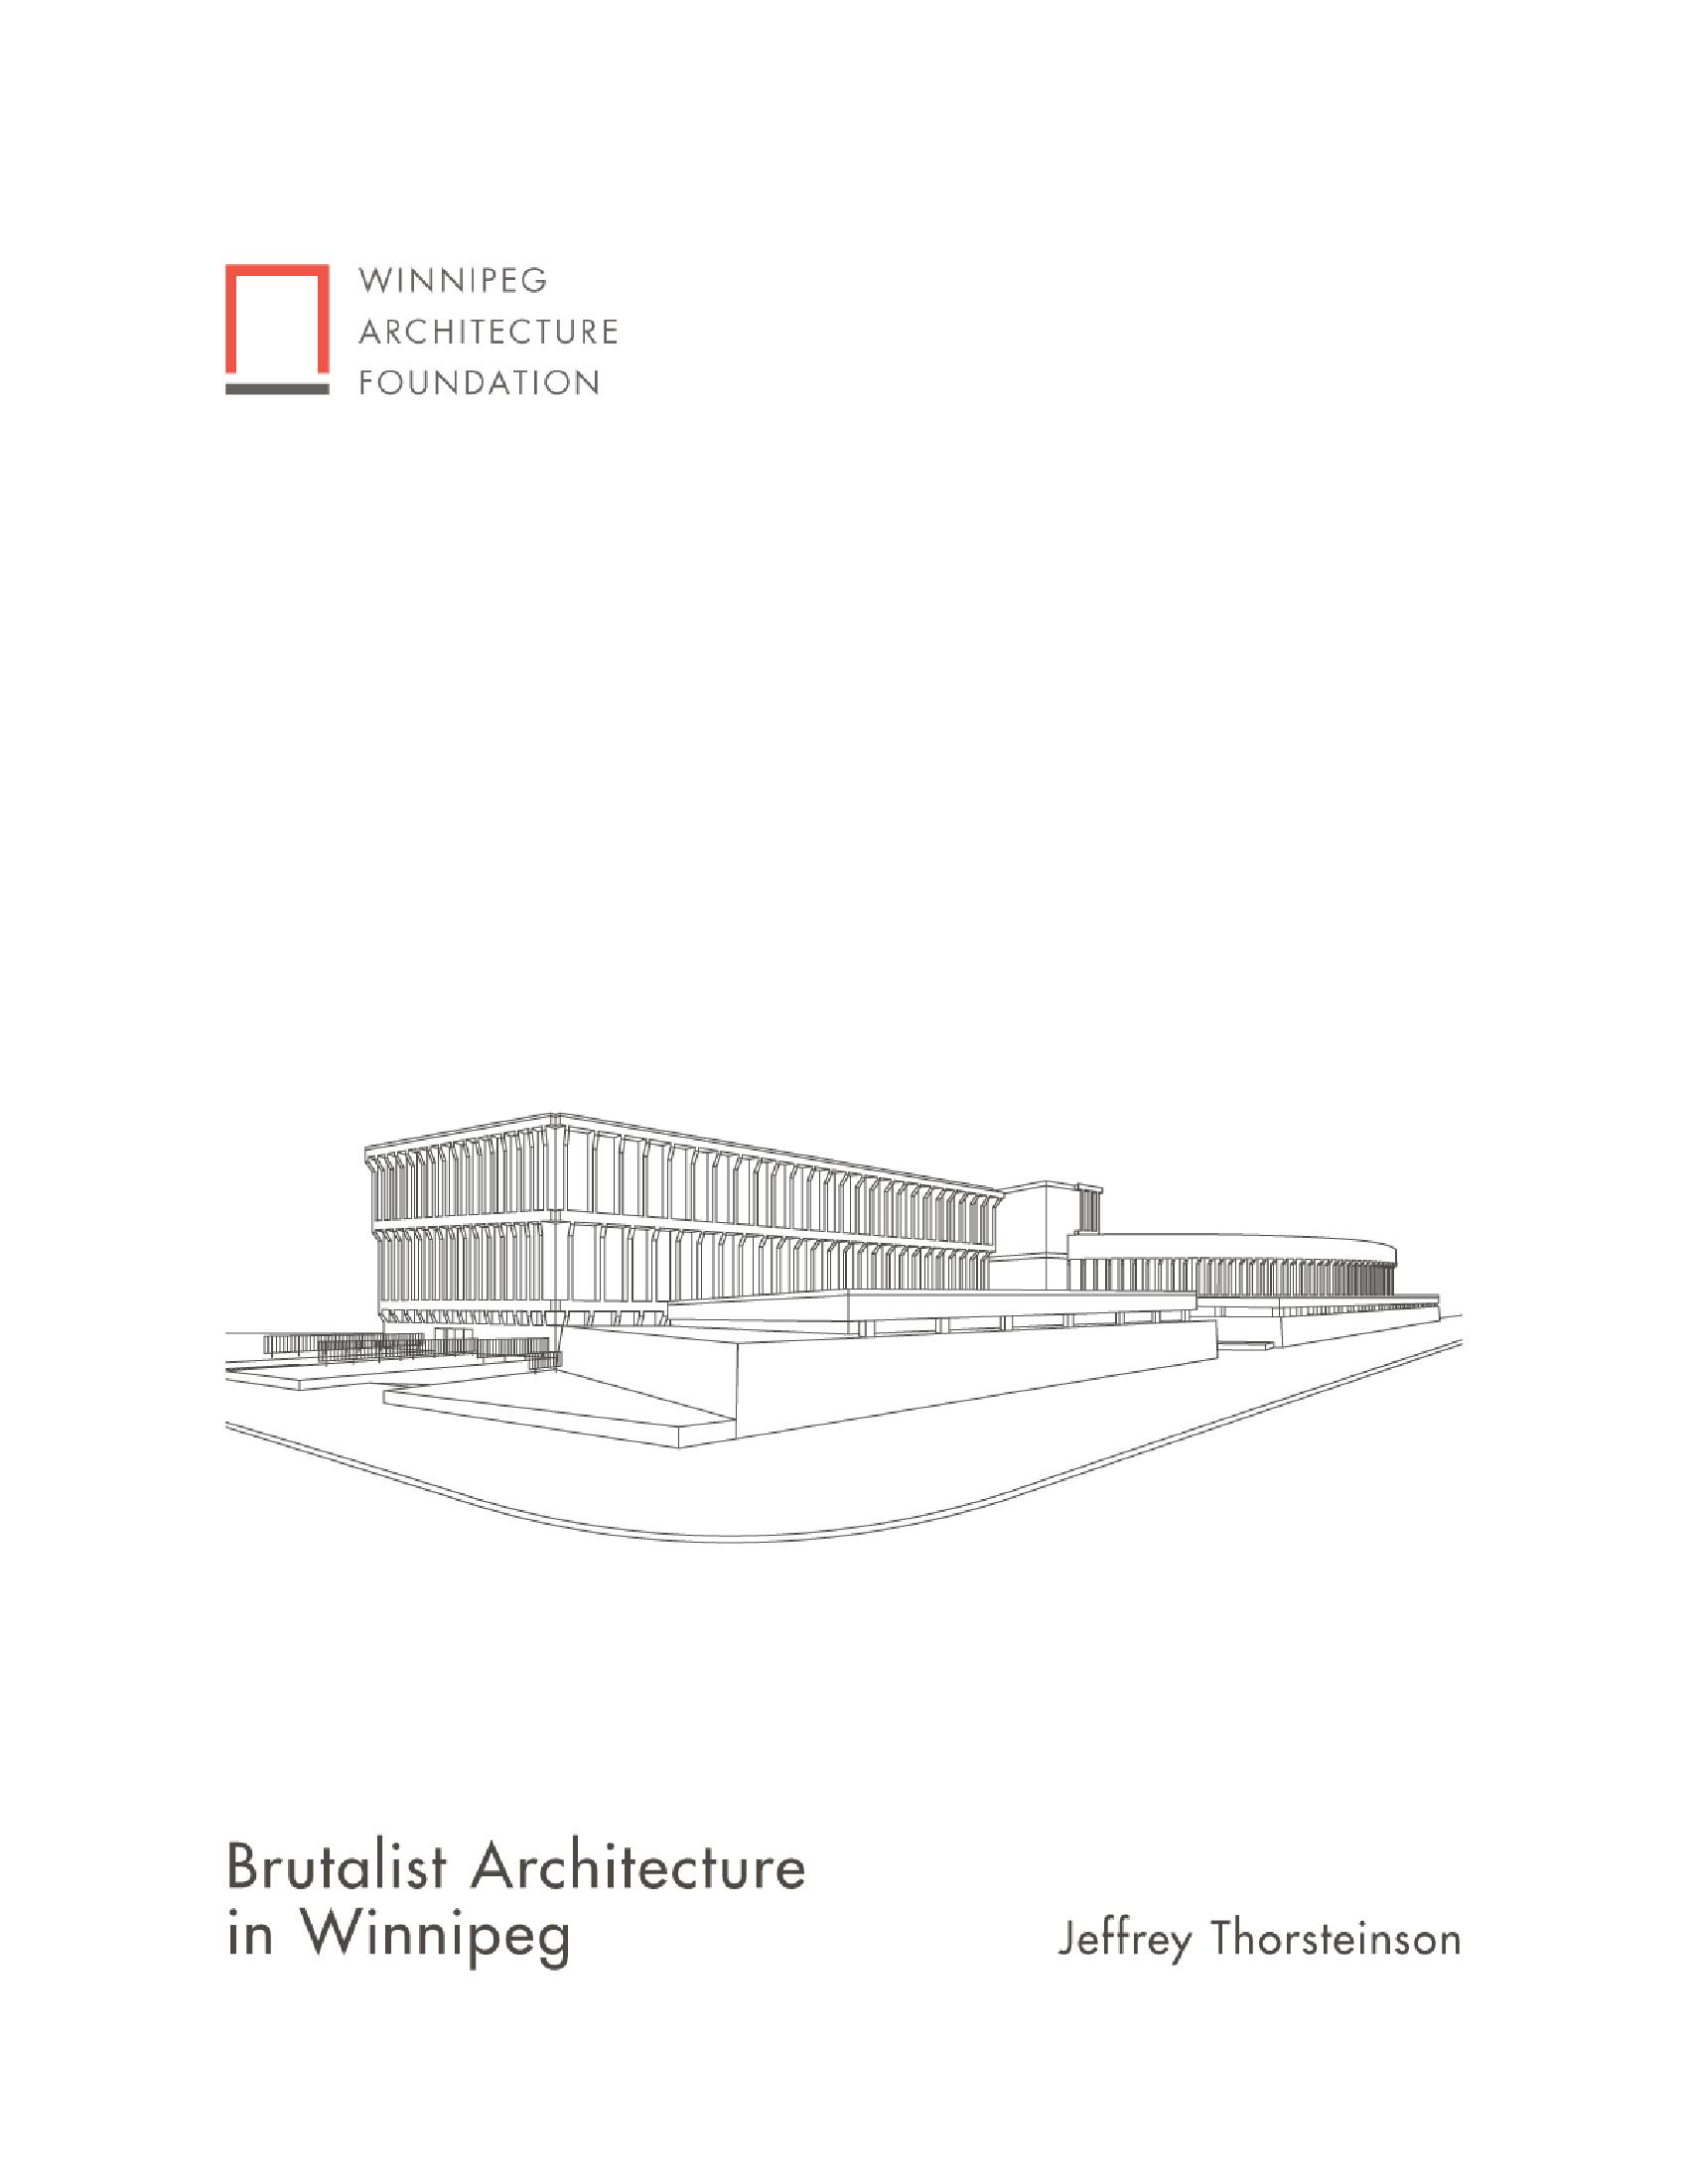 Brutalist Architecture in Winnipeg (PDF version)